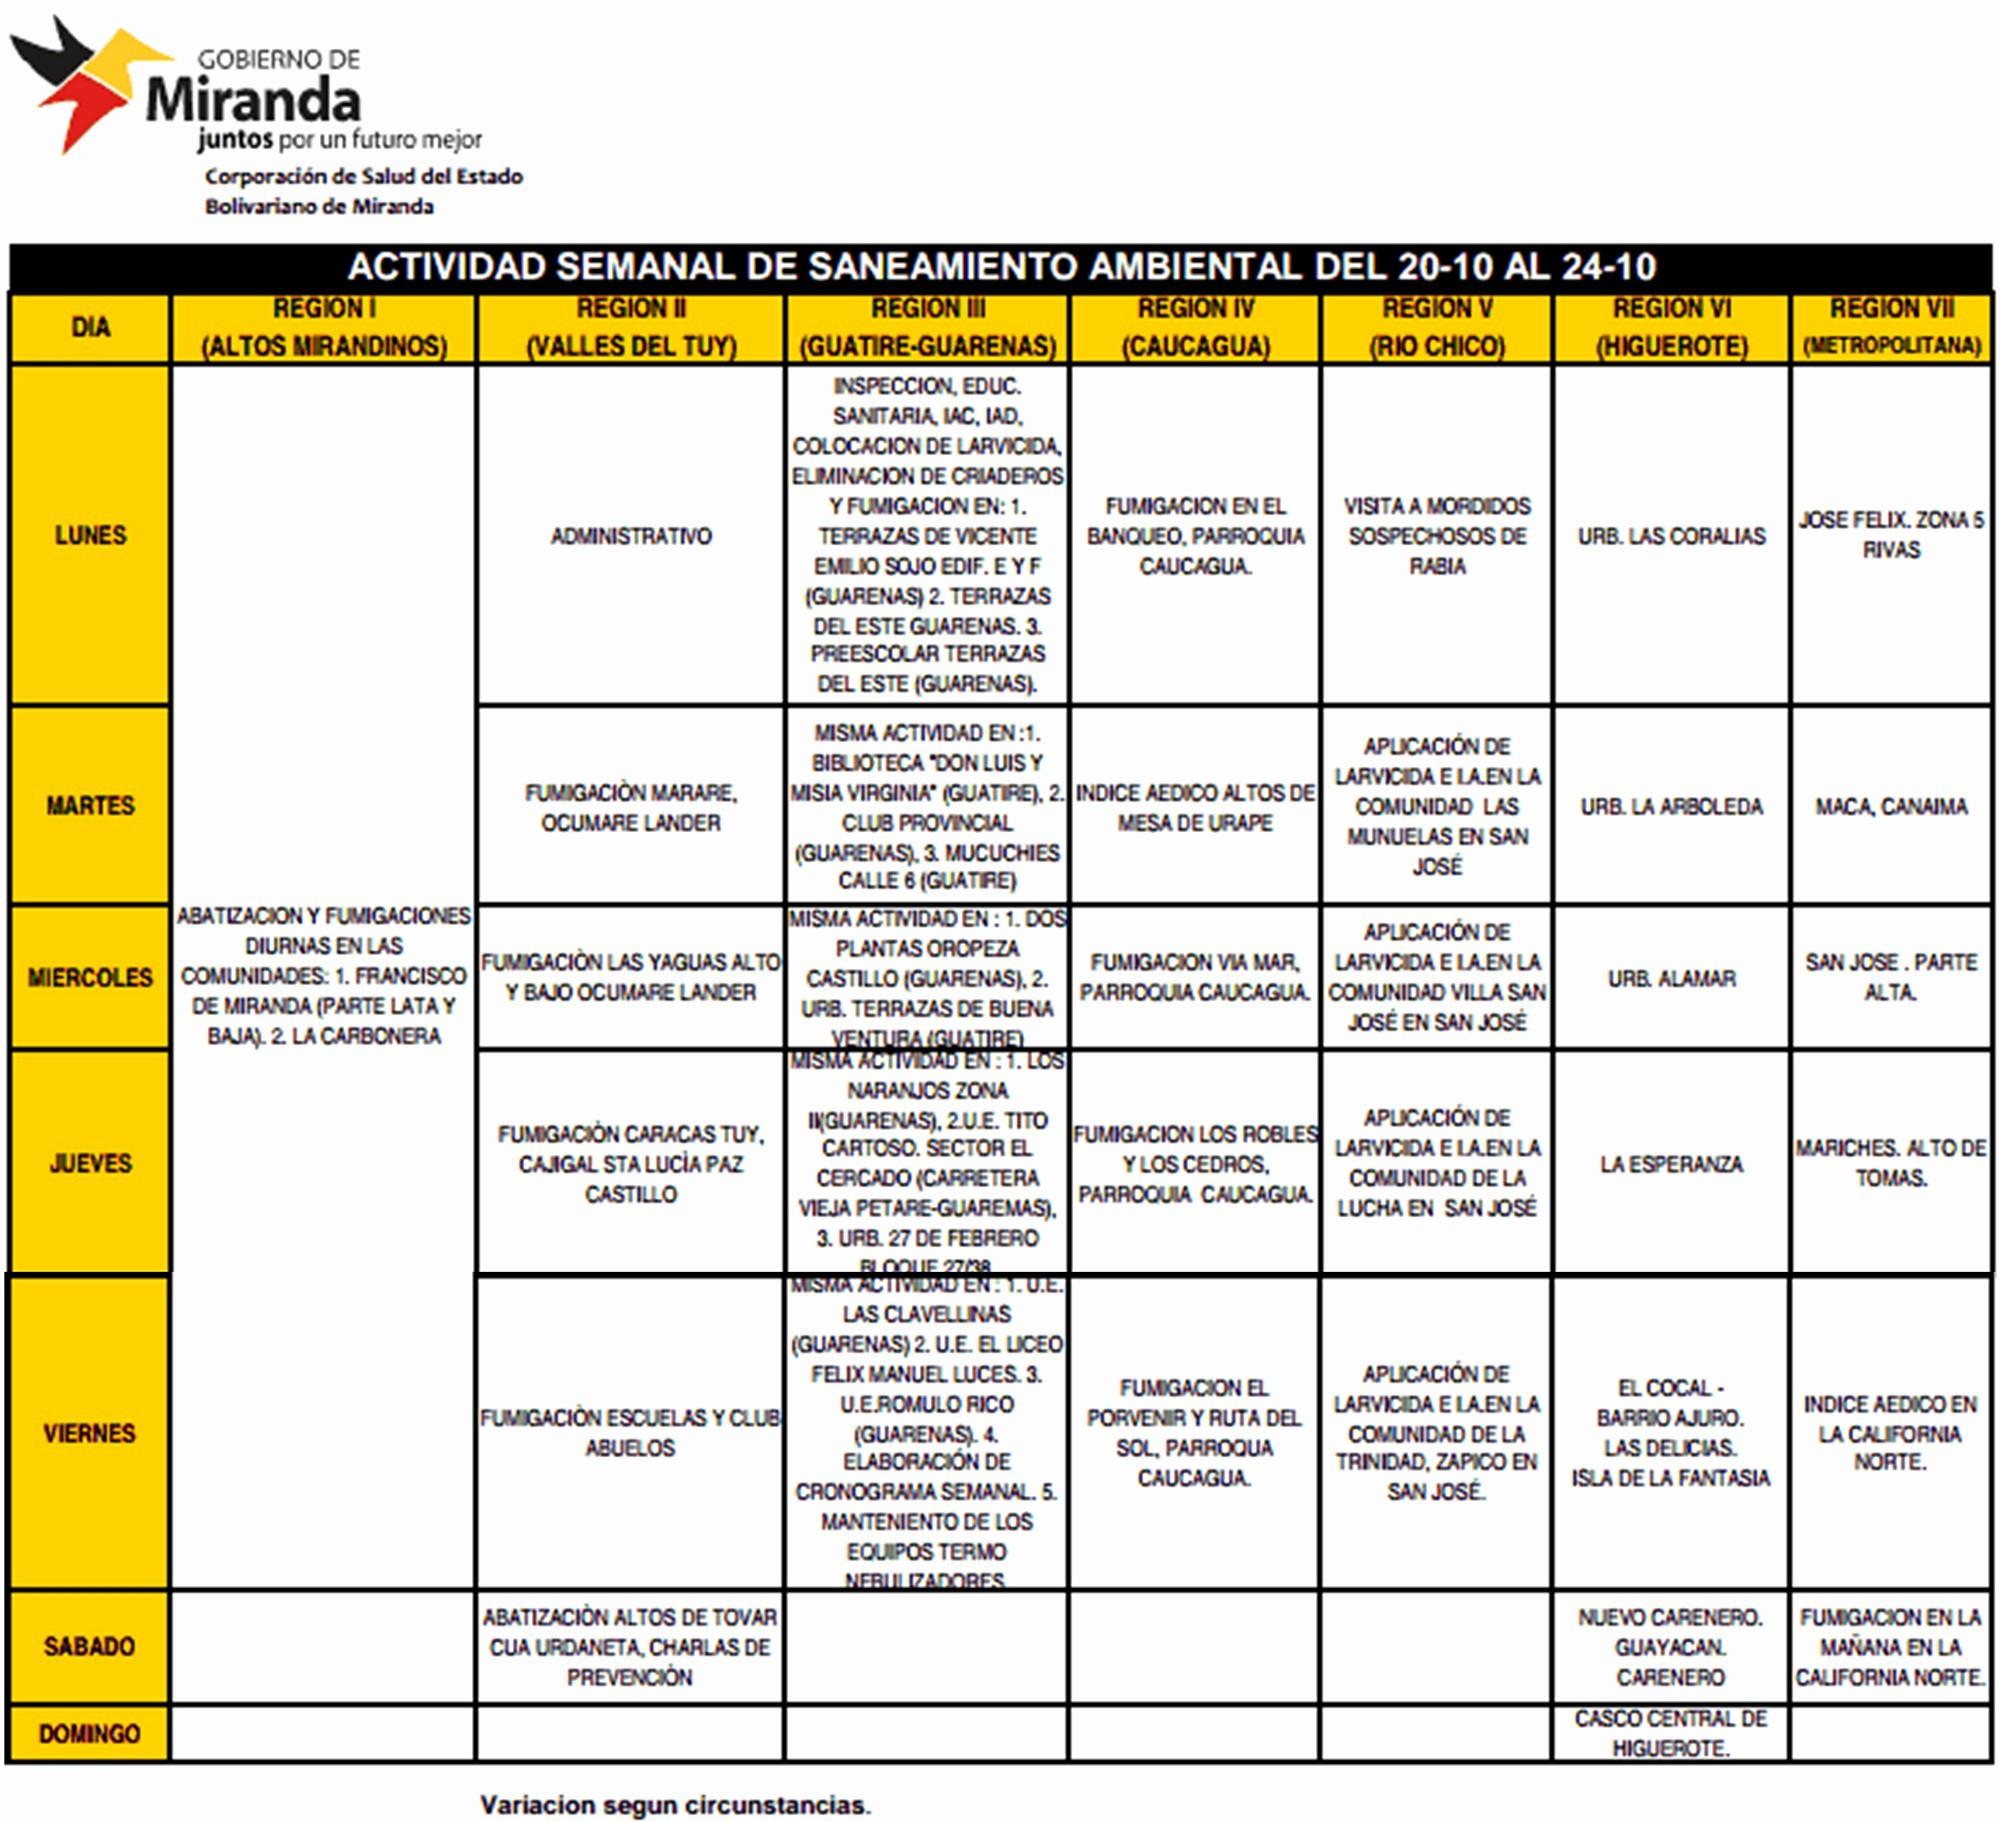 Formato Cronograma De Actividades Excel Best Of Octubre 2014 Salud Miranda